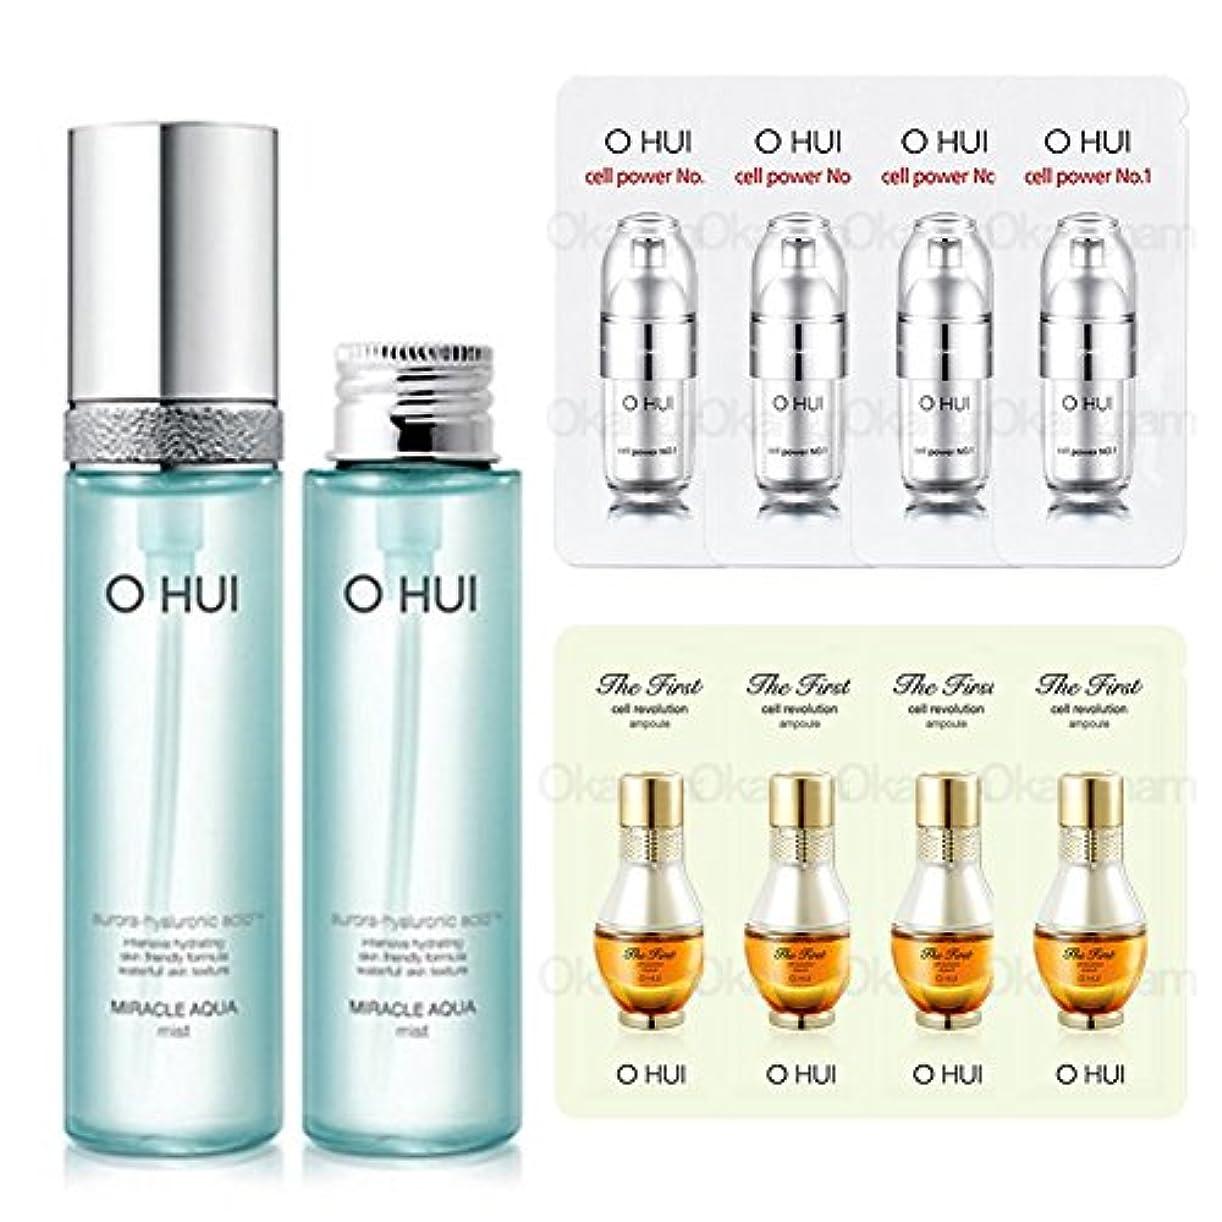 処方花婿ウェーハ[オフィ/ O HUI]韓国化粧品 LG生活健康/ OHUI OMA05 Miracle Aqua Mist/ミラクルアクアミスト50mlx2個 +[Sample Gift](海外直送品)